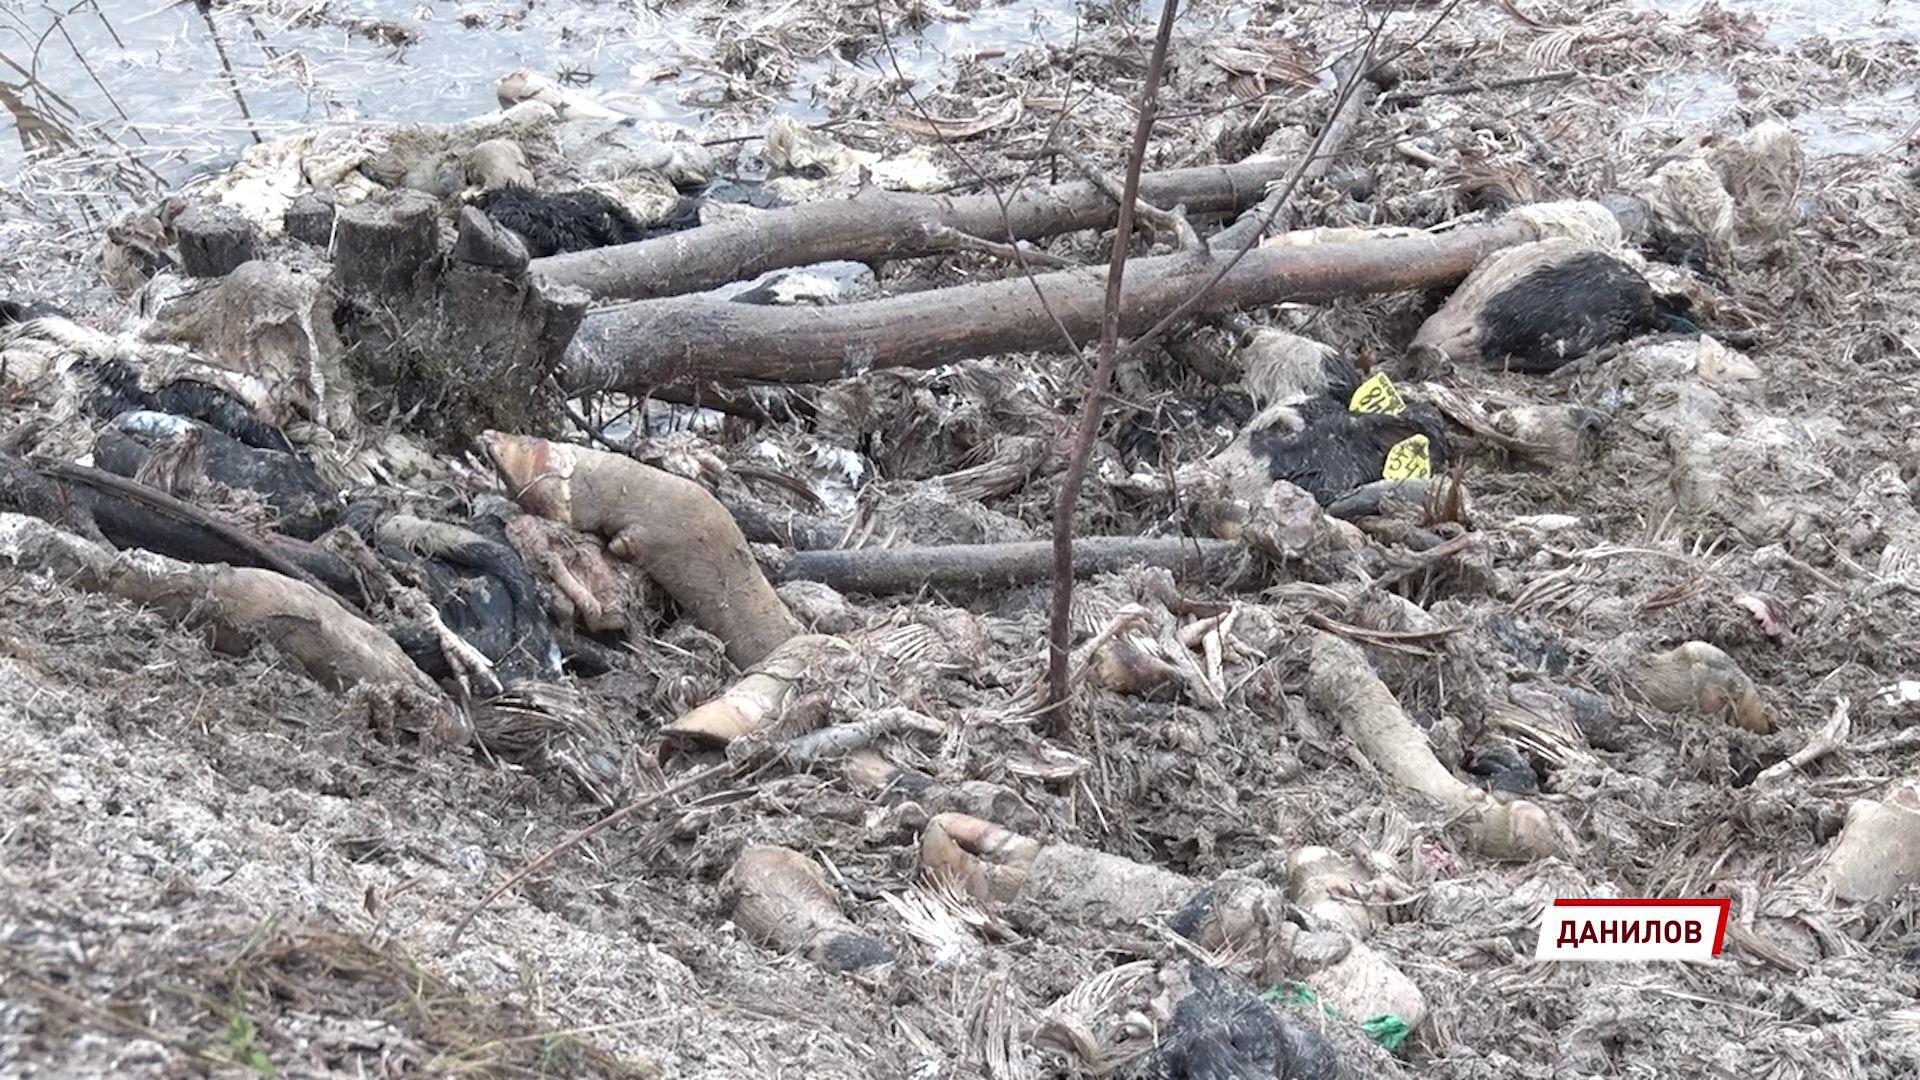 В Даниловском районе специалисты провели дезинфекцию территории, где оставляли мертвых коров